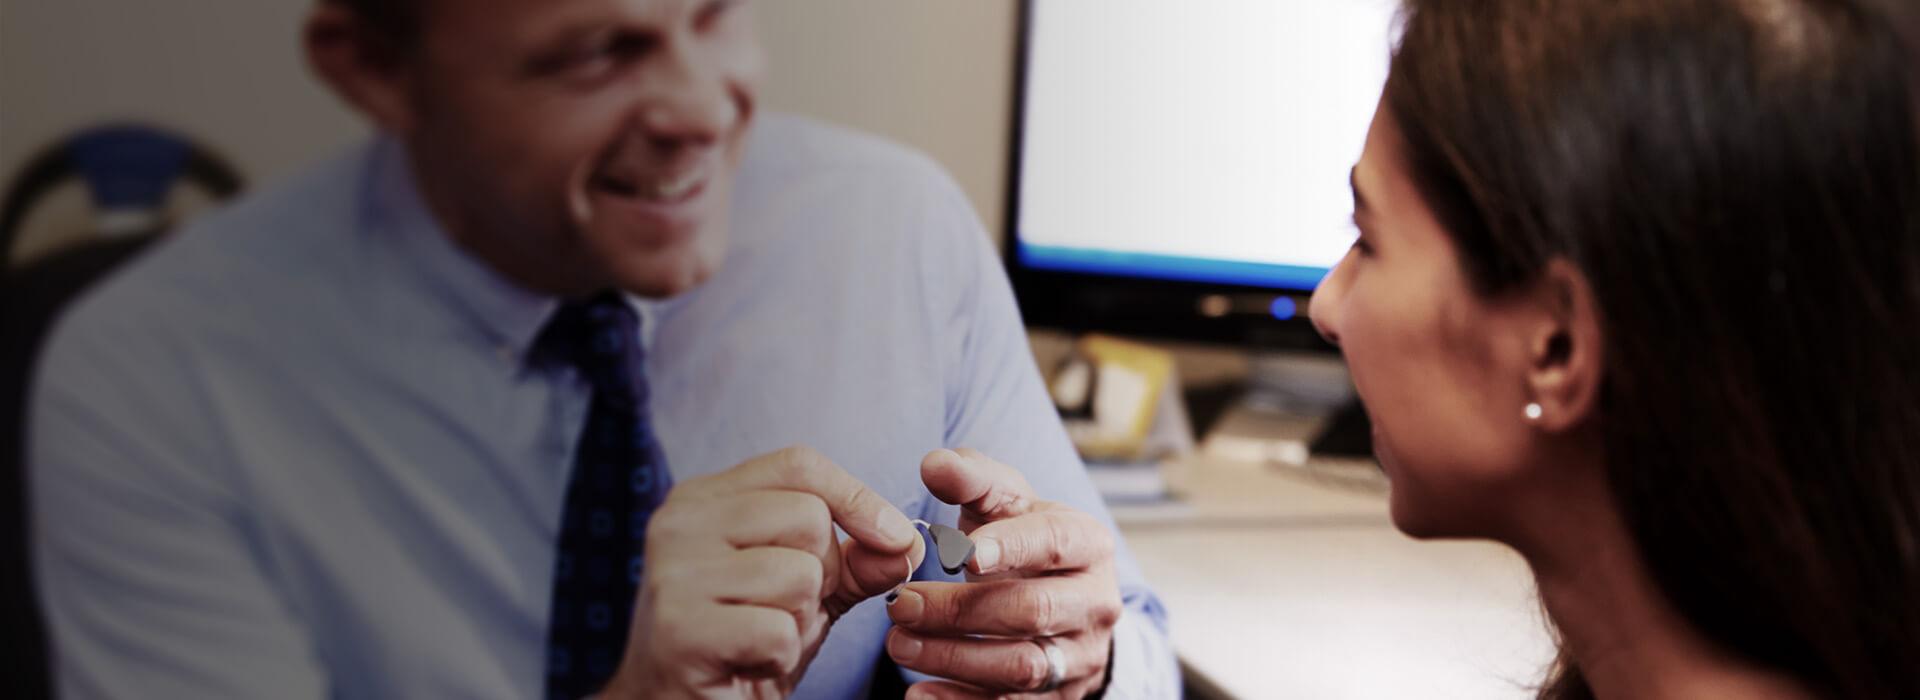 Un audioprothésiste montre l'appareil auditif à une jeune femme